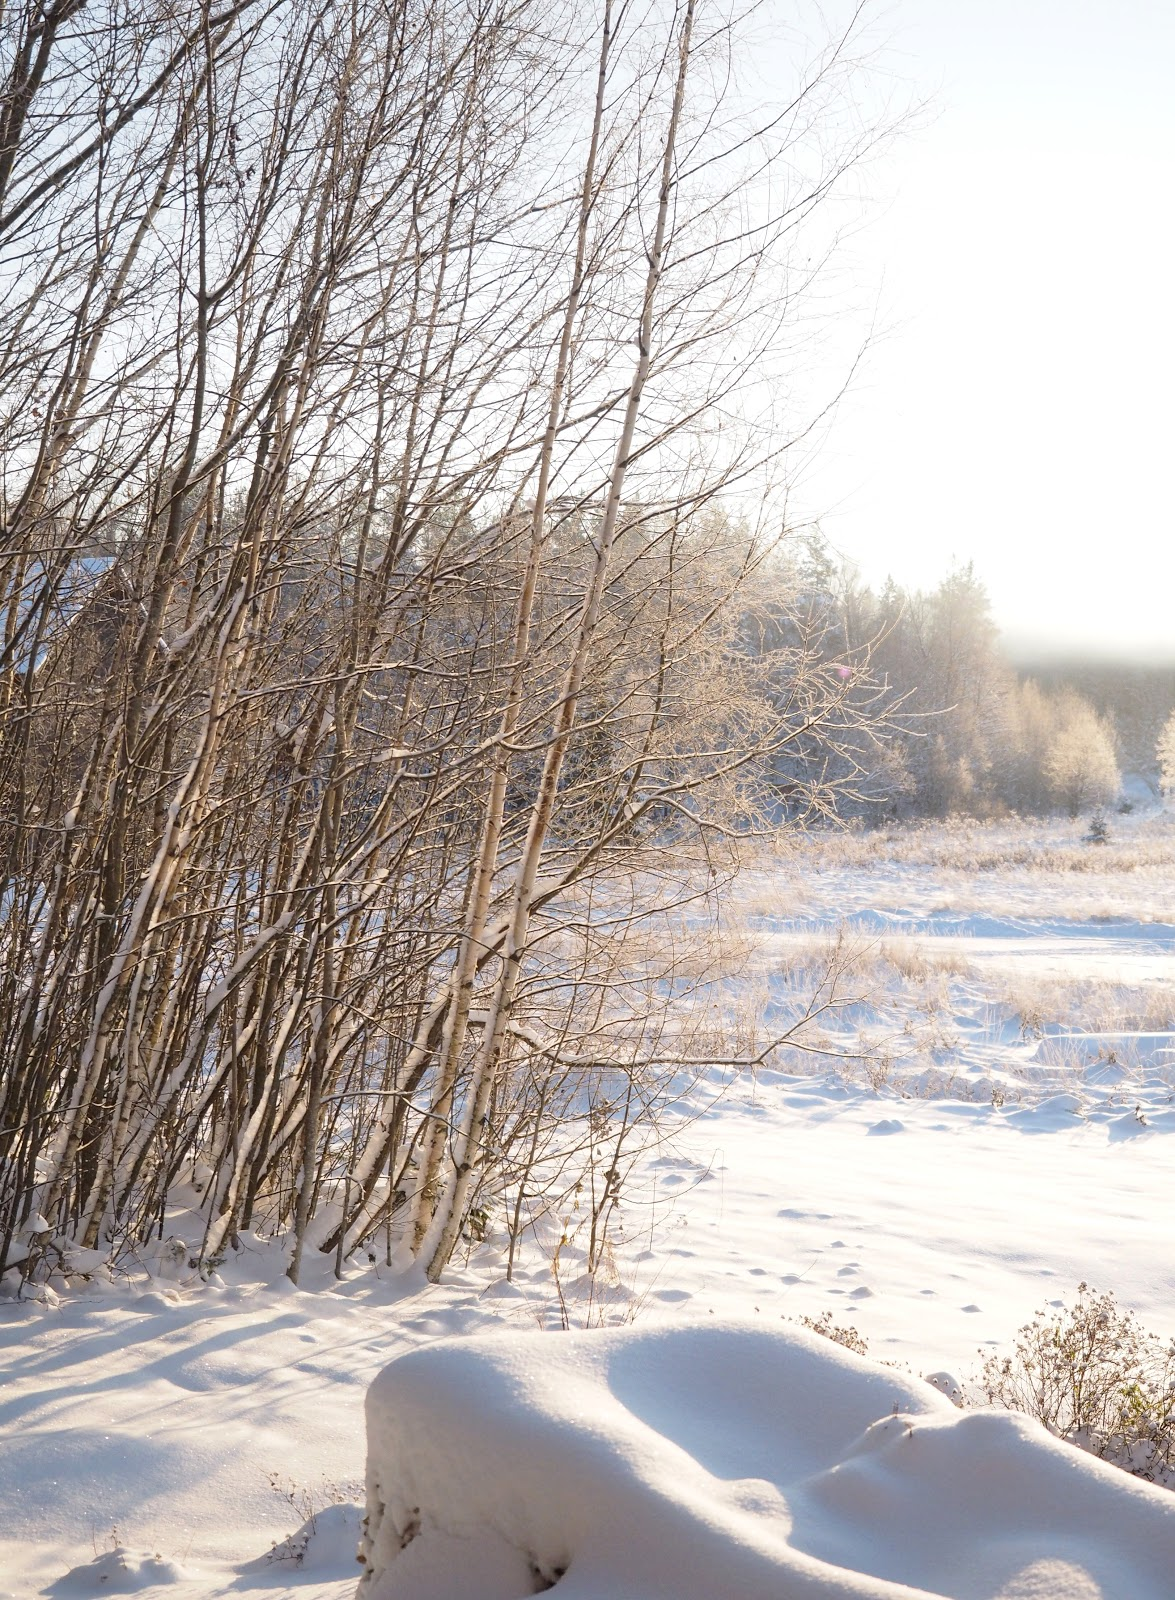 pakkaspäivä, lumi, talvi, kaunis maisema